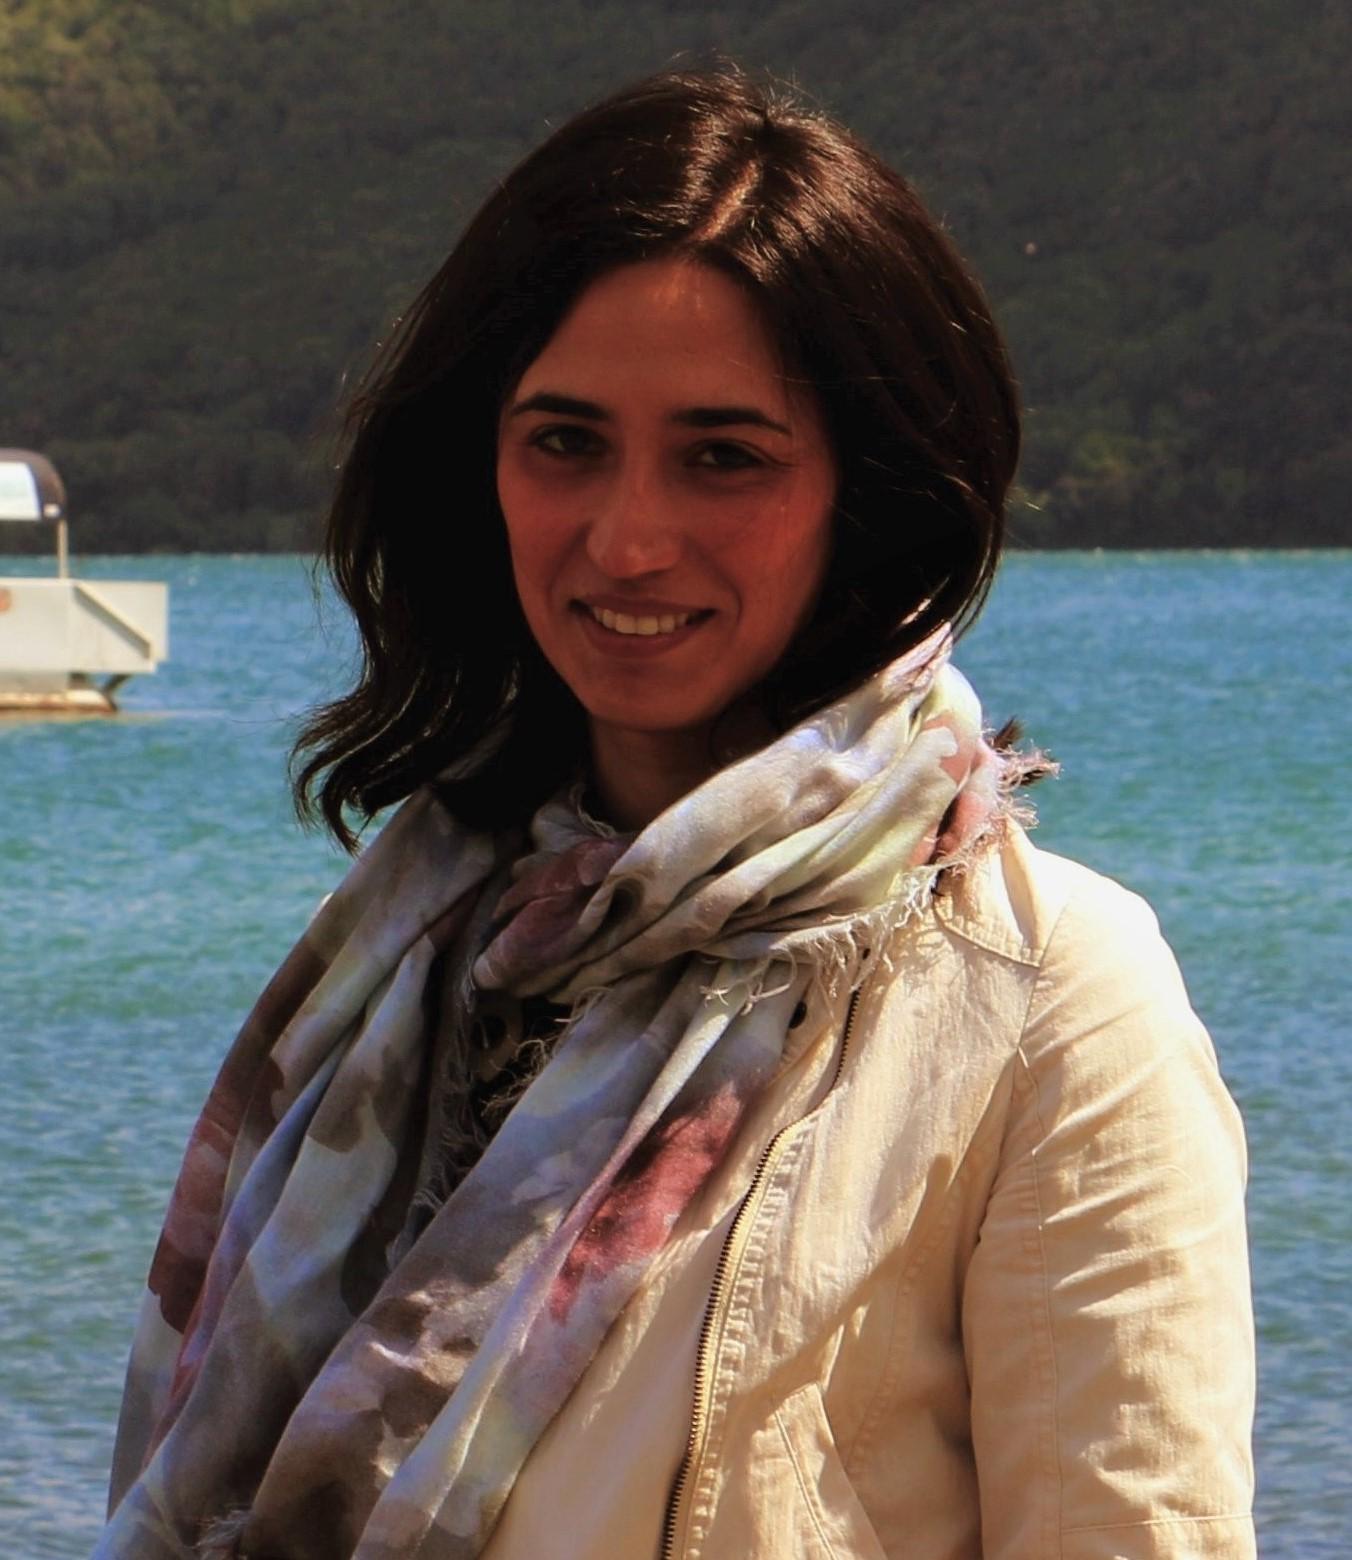 Yvonne Valkenburg